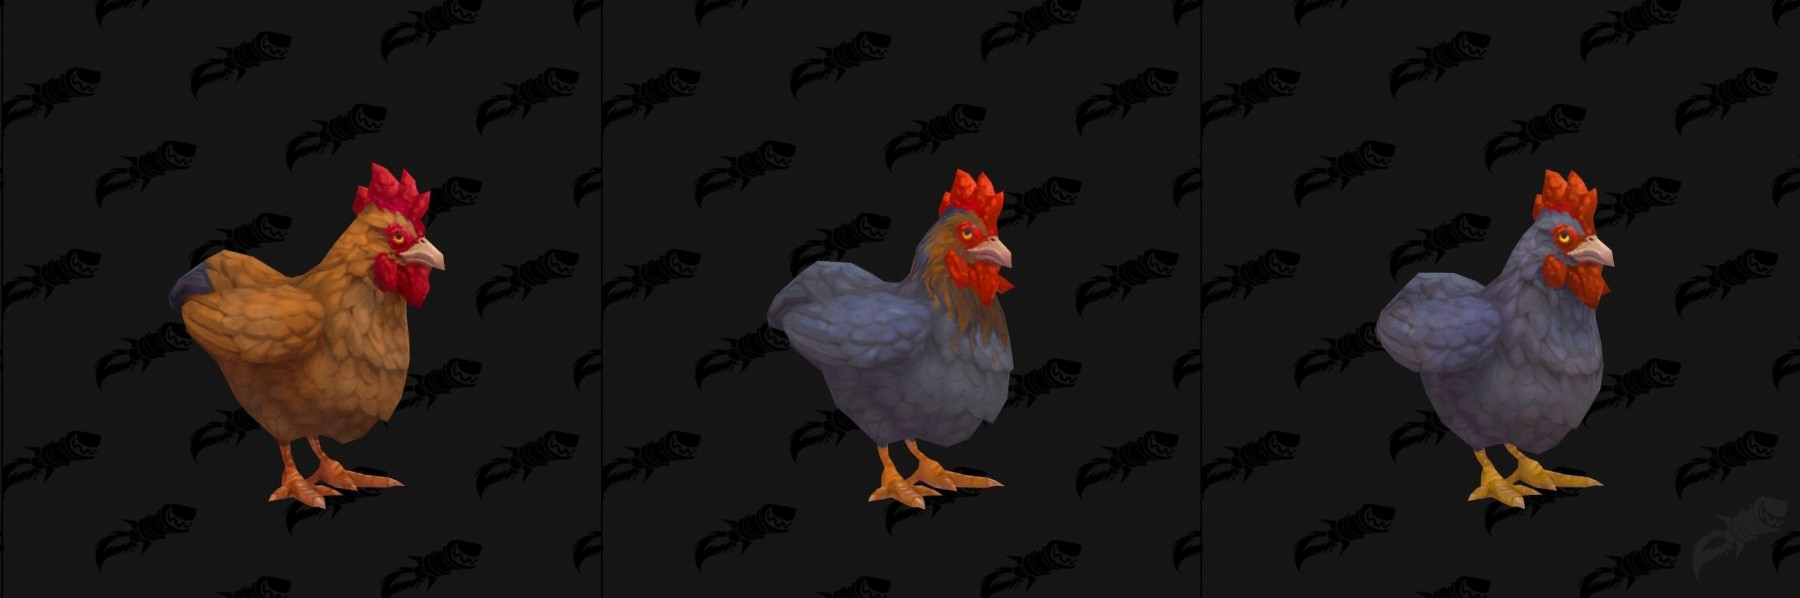 Les différents coloris des modèles de poulet  - Battle for Azeroth